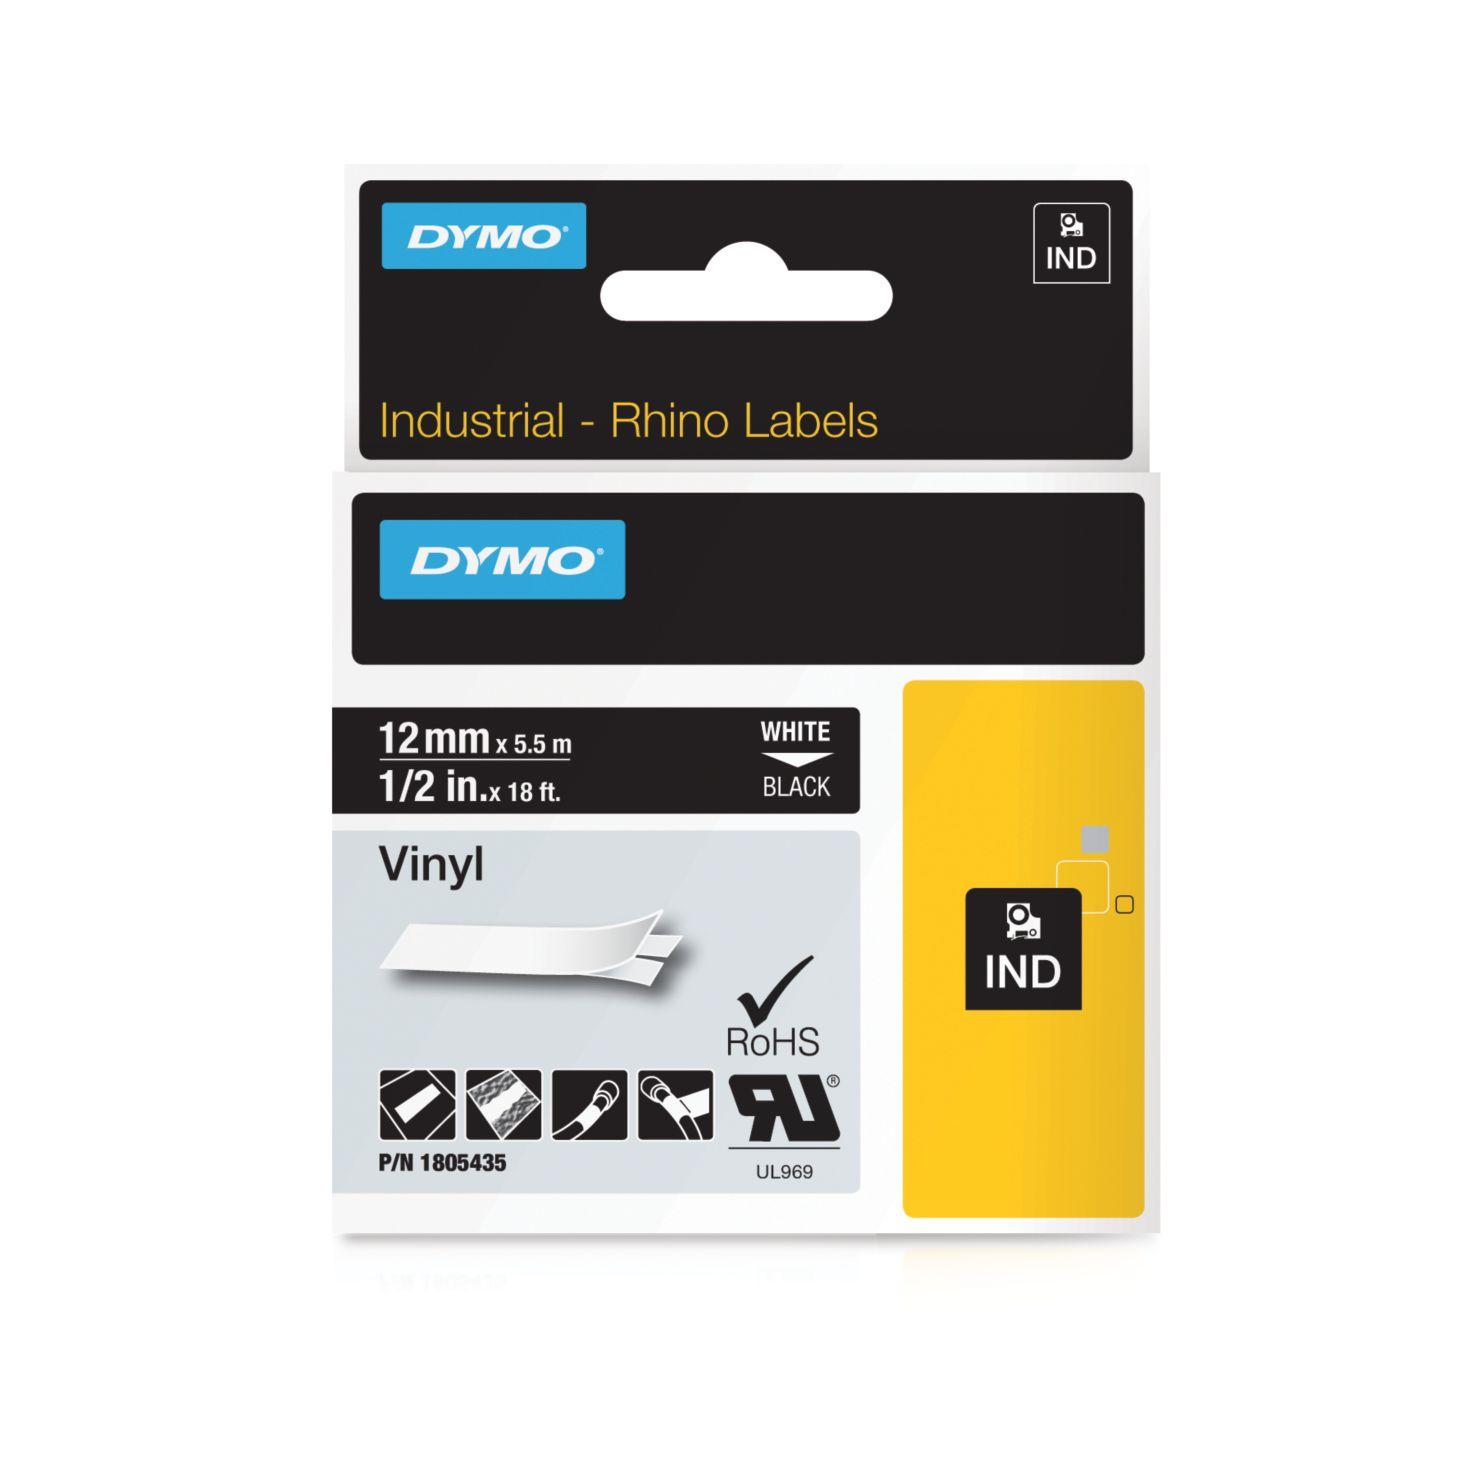 Dymo Rhino-Schriftband Vinyl 12mm x 5,5m weiß auf schwarz